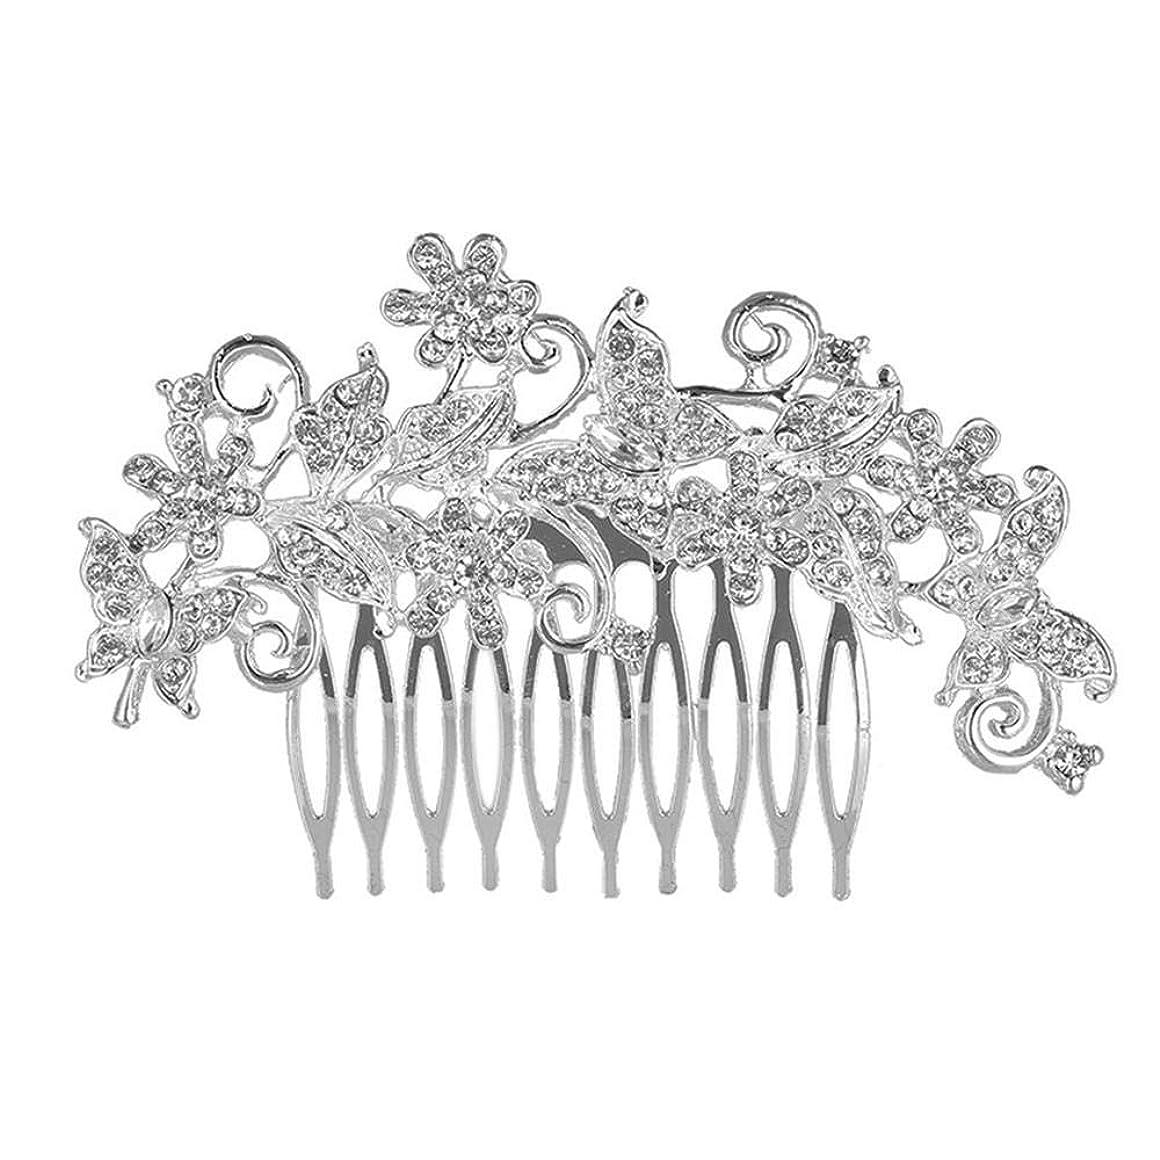 離れてかける郡韓国のヘアアクセサリー_韓国の花嫁のヘアアクセサリー日の花のヘッドドレスファッションヘアコーム花嫁合金結婚式結婚式卸売